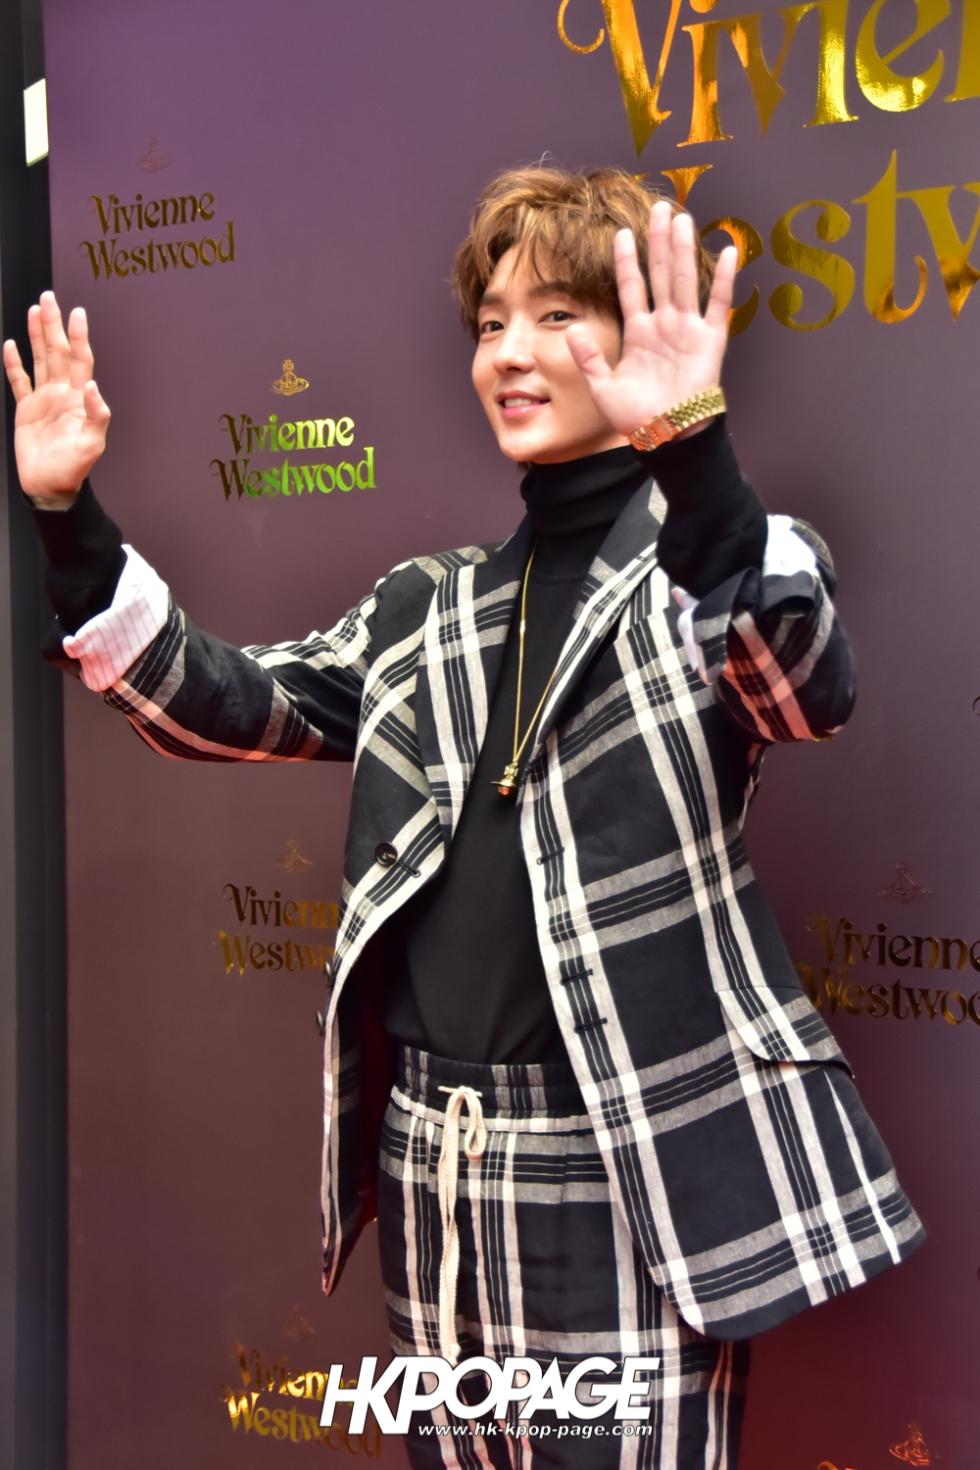 [HK.KPOP.PAGE] 181107_Lee Joon-gi_Vivienne Westwood Event in Hong Kong_20